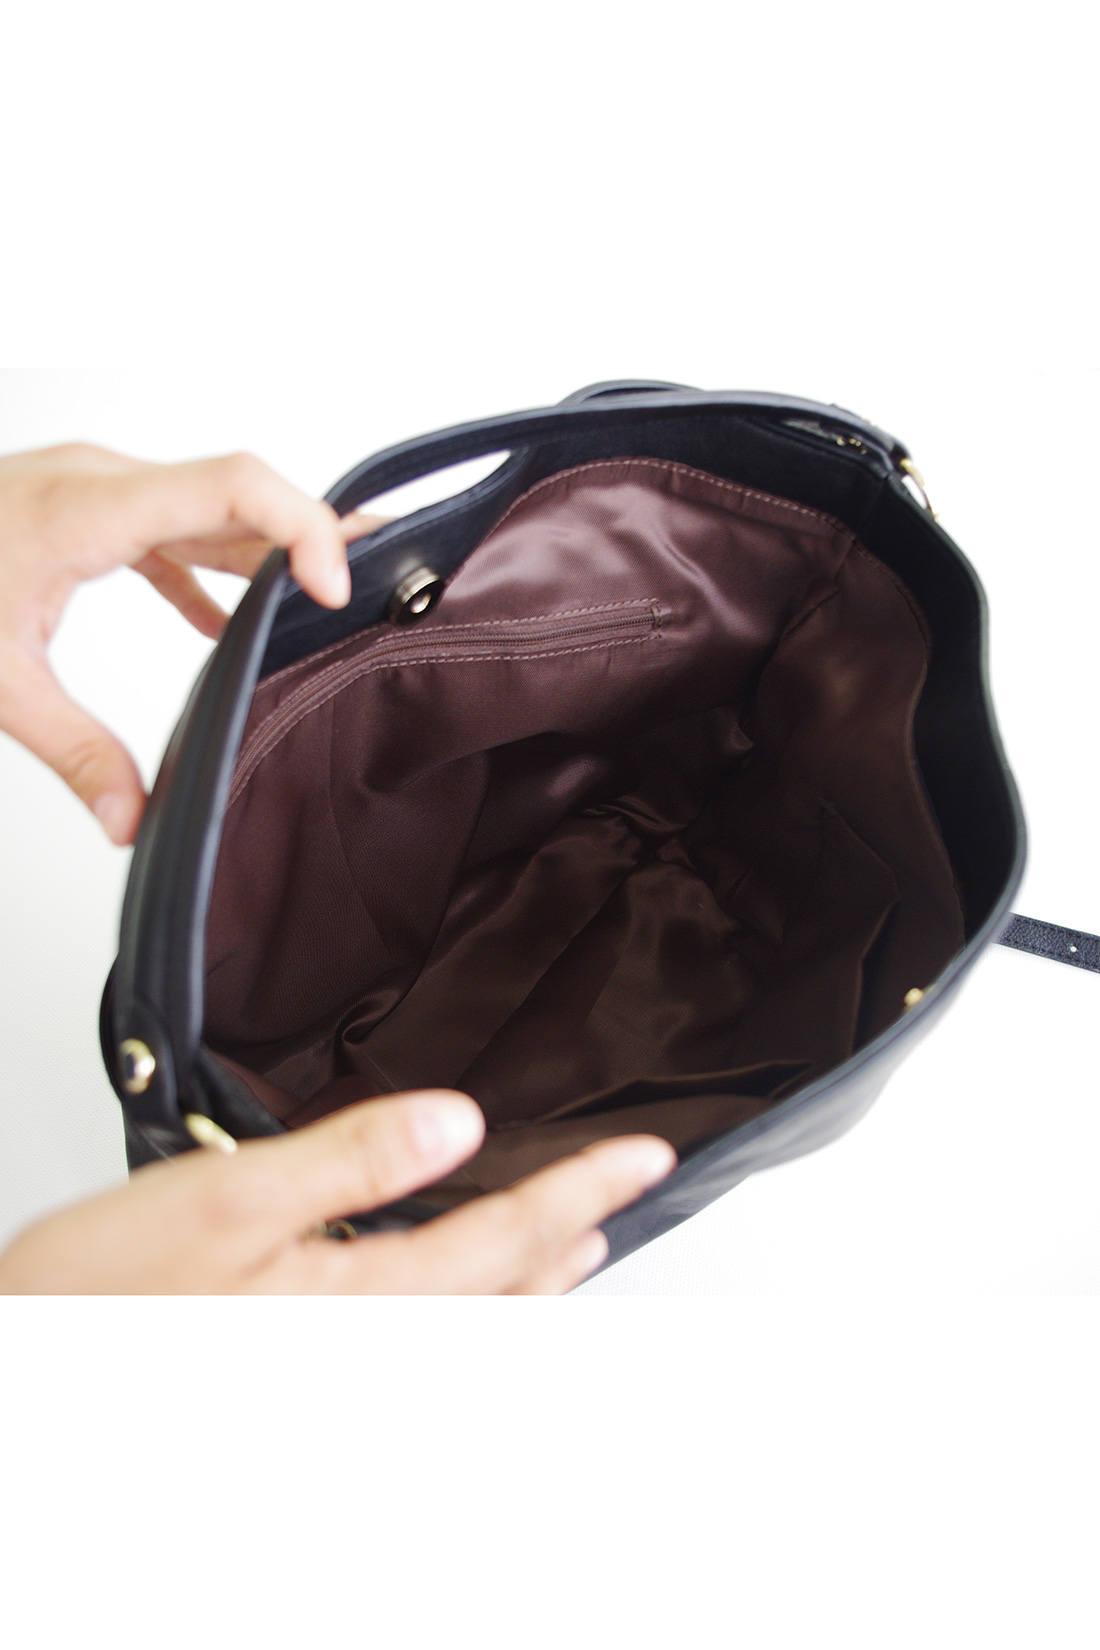 内側にはファスナー付きのポケットと、携帯電話や定期入れが、ぱっと出し入れできる内ポケット付き。